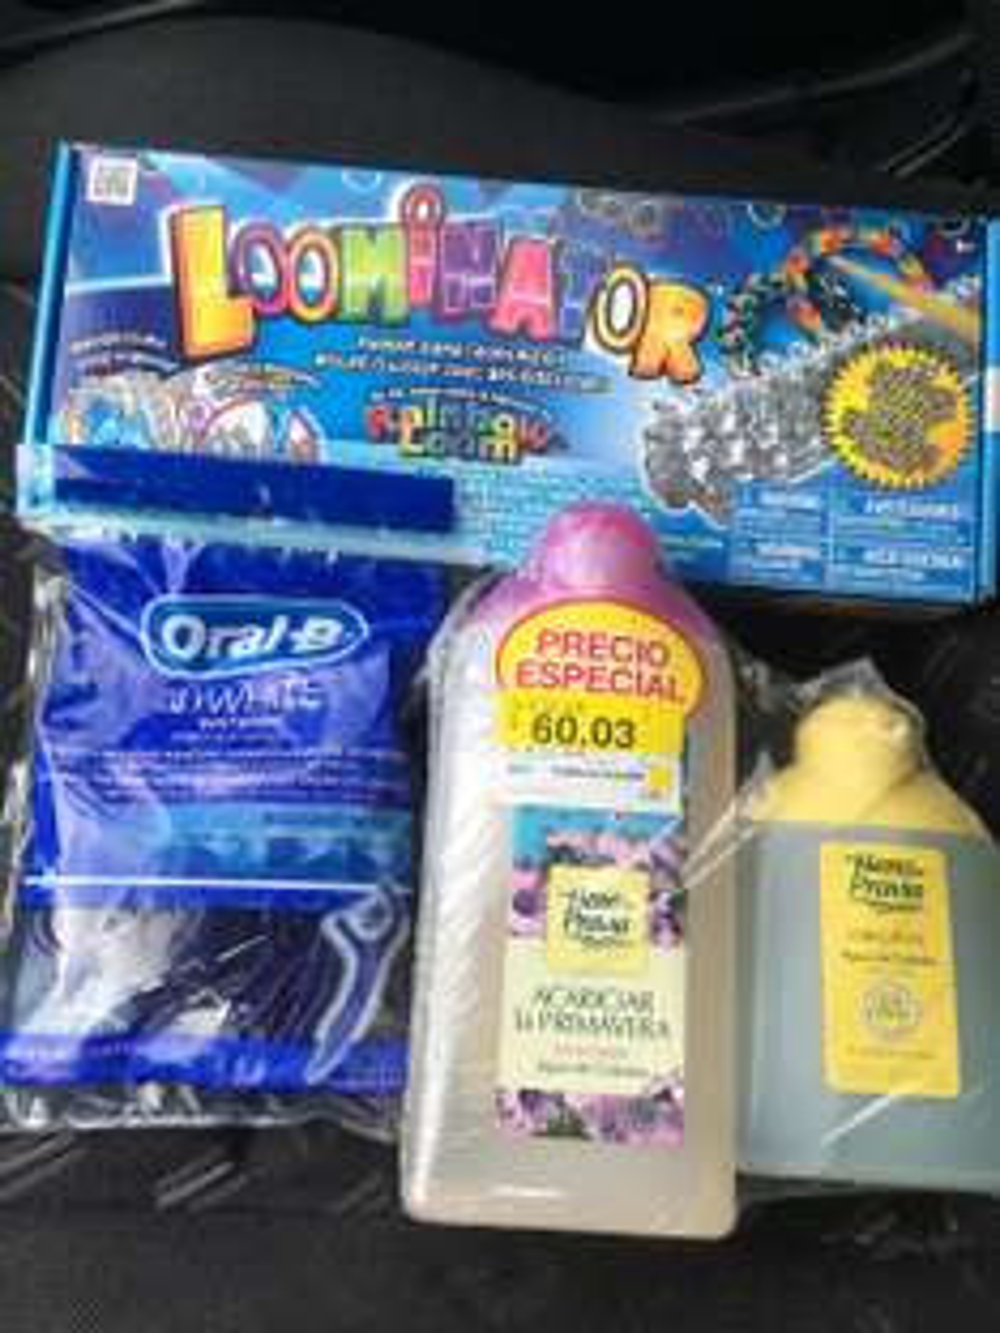 Walmart: Hilo dental $26.02 colonia para dama $30.02